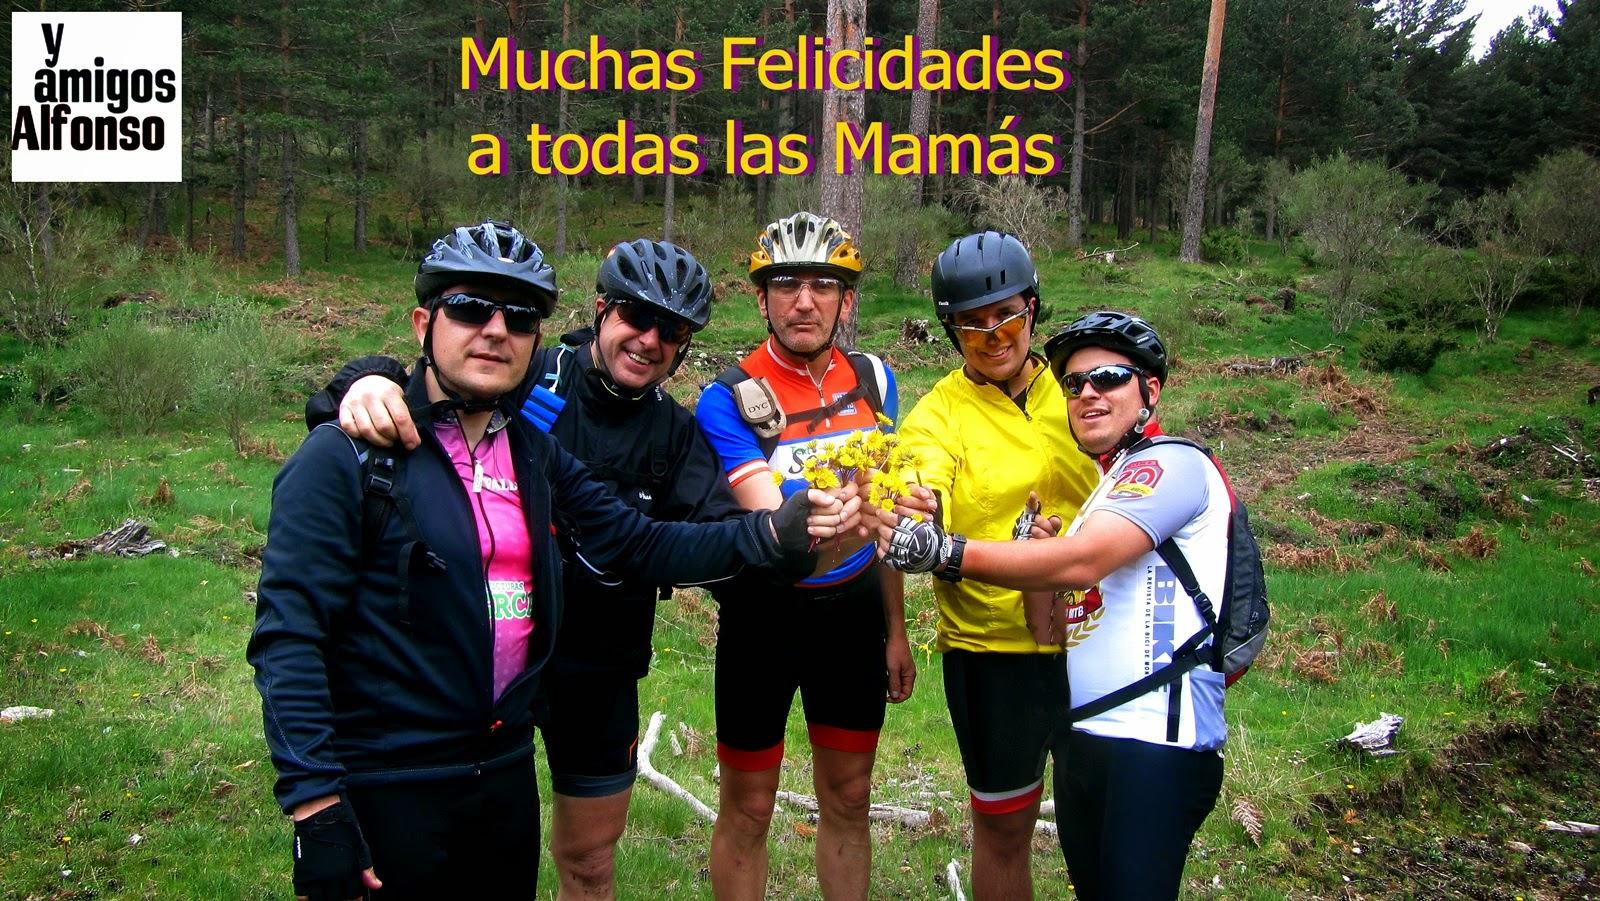 Día de la Madre - Alfonsoyamigos